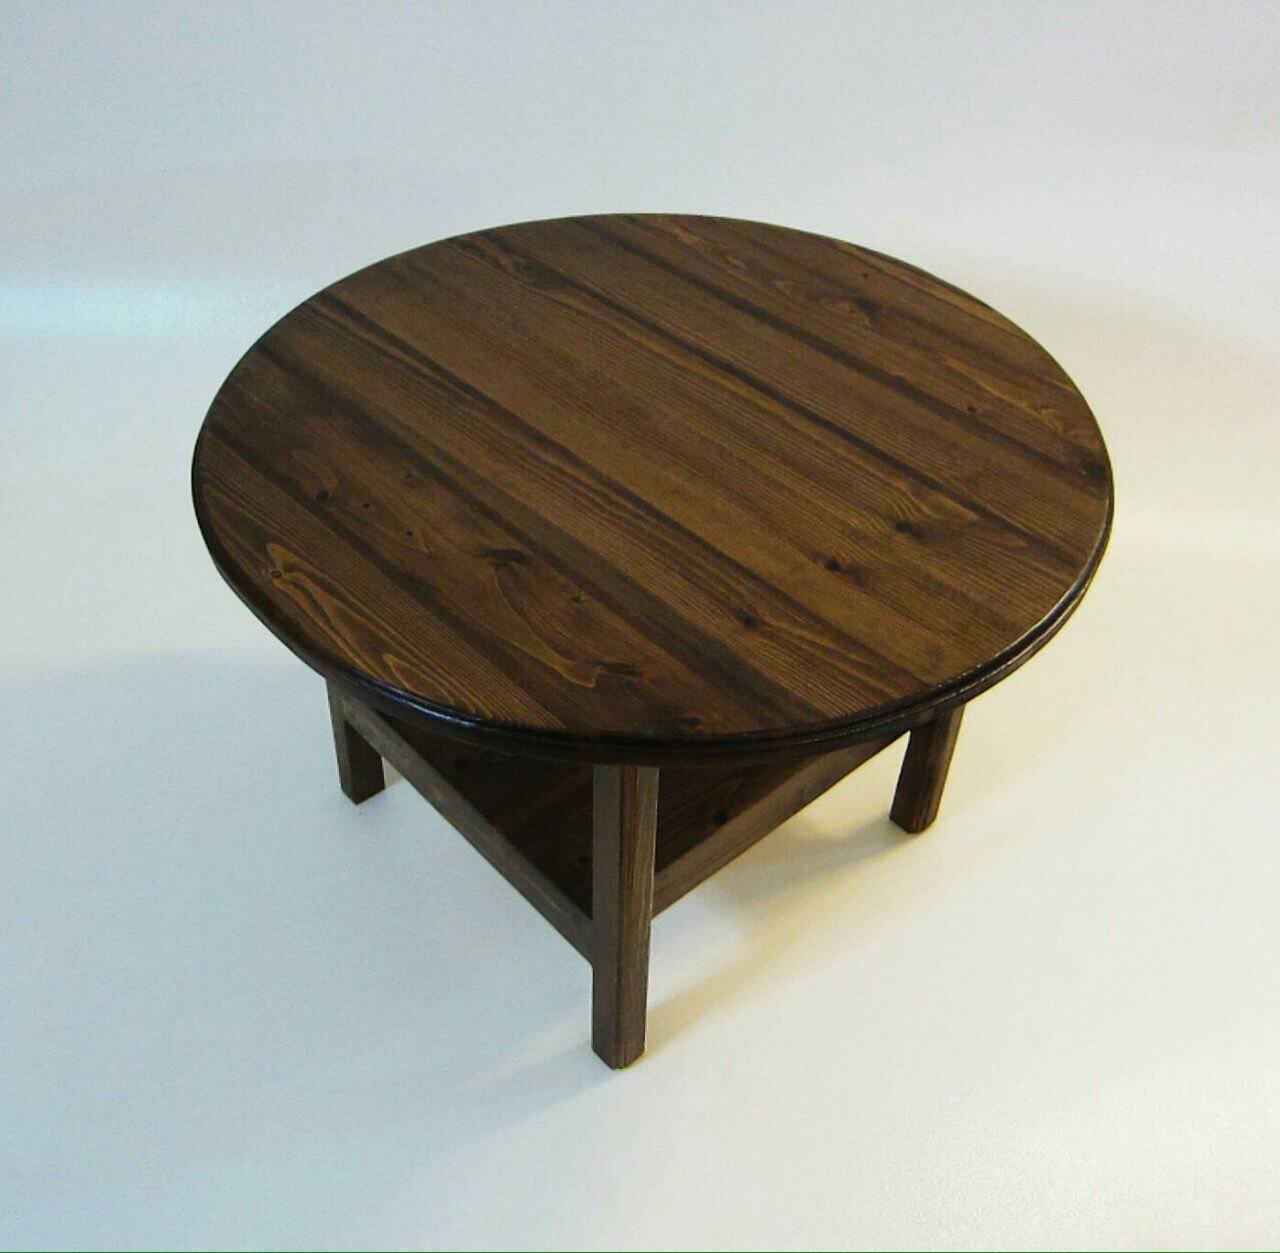 میز گرد تمام چوب